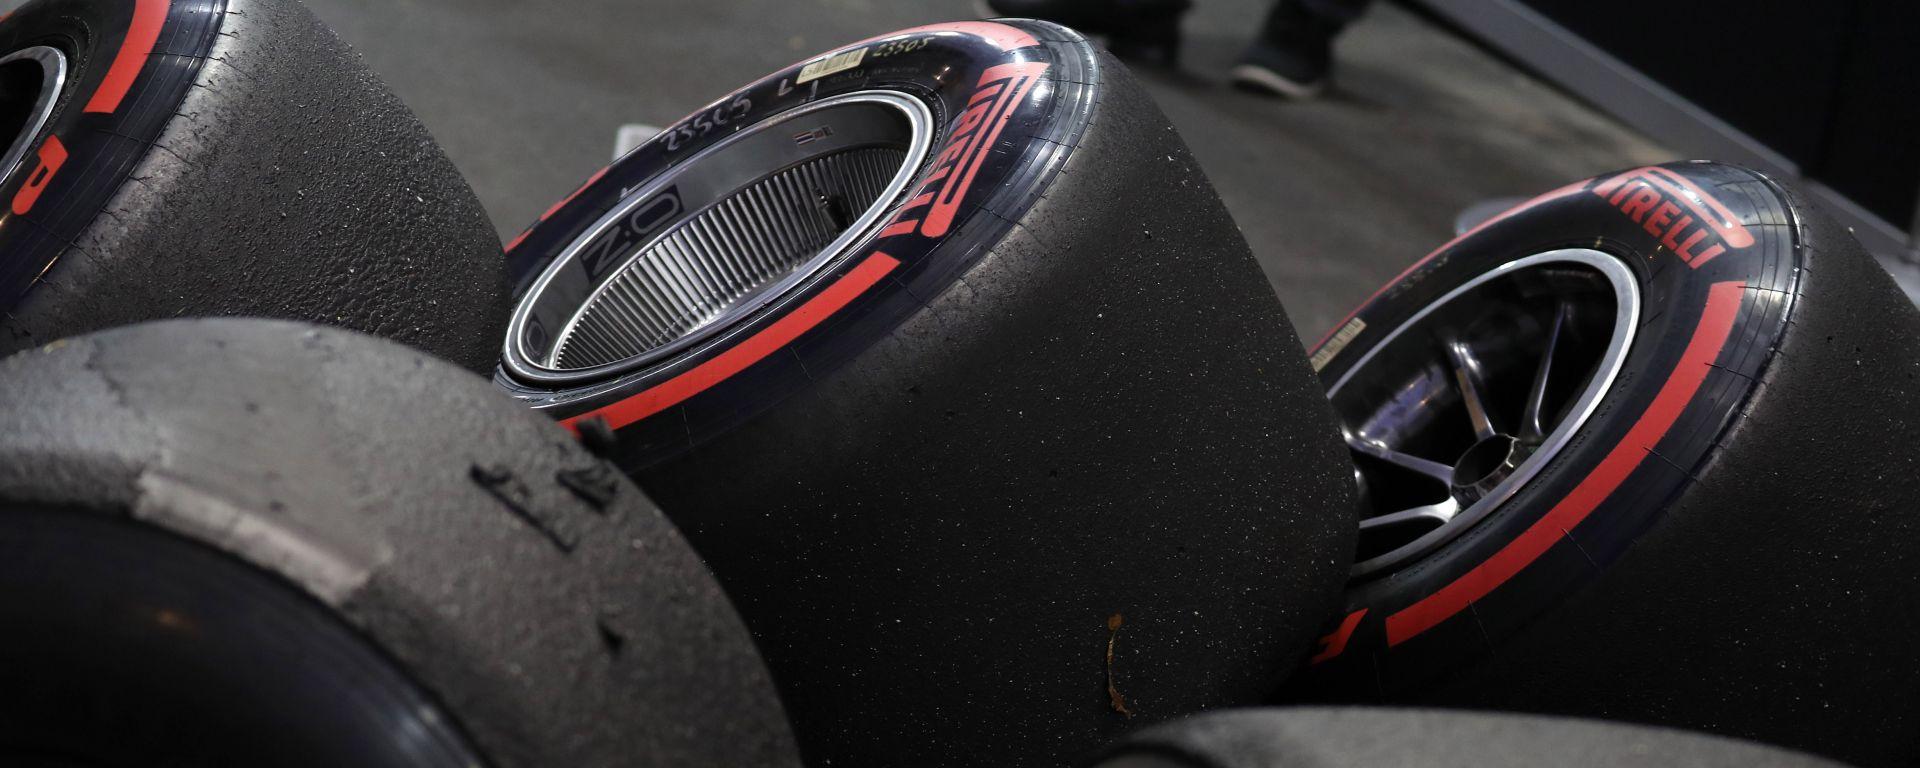 GP Giappone 2019, mescole Pirelli Soft